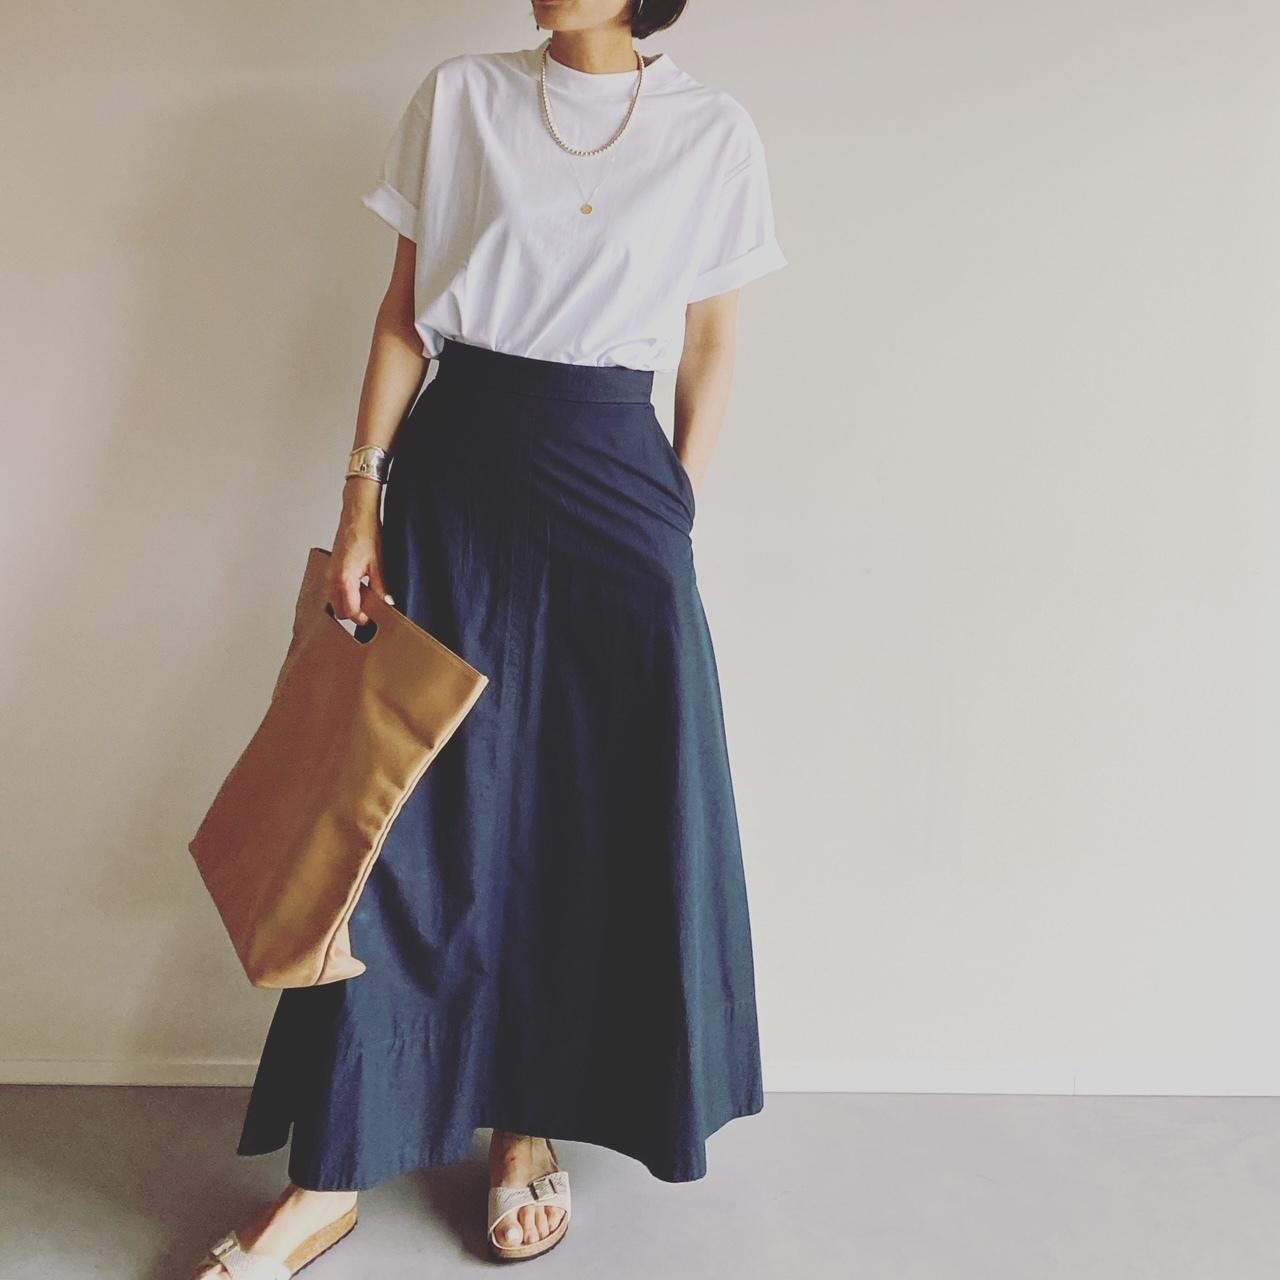 ▲シンプルな着こなしはスポーティな足元でラフなムードに。